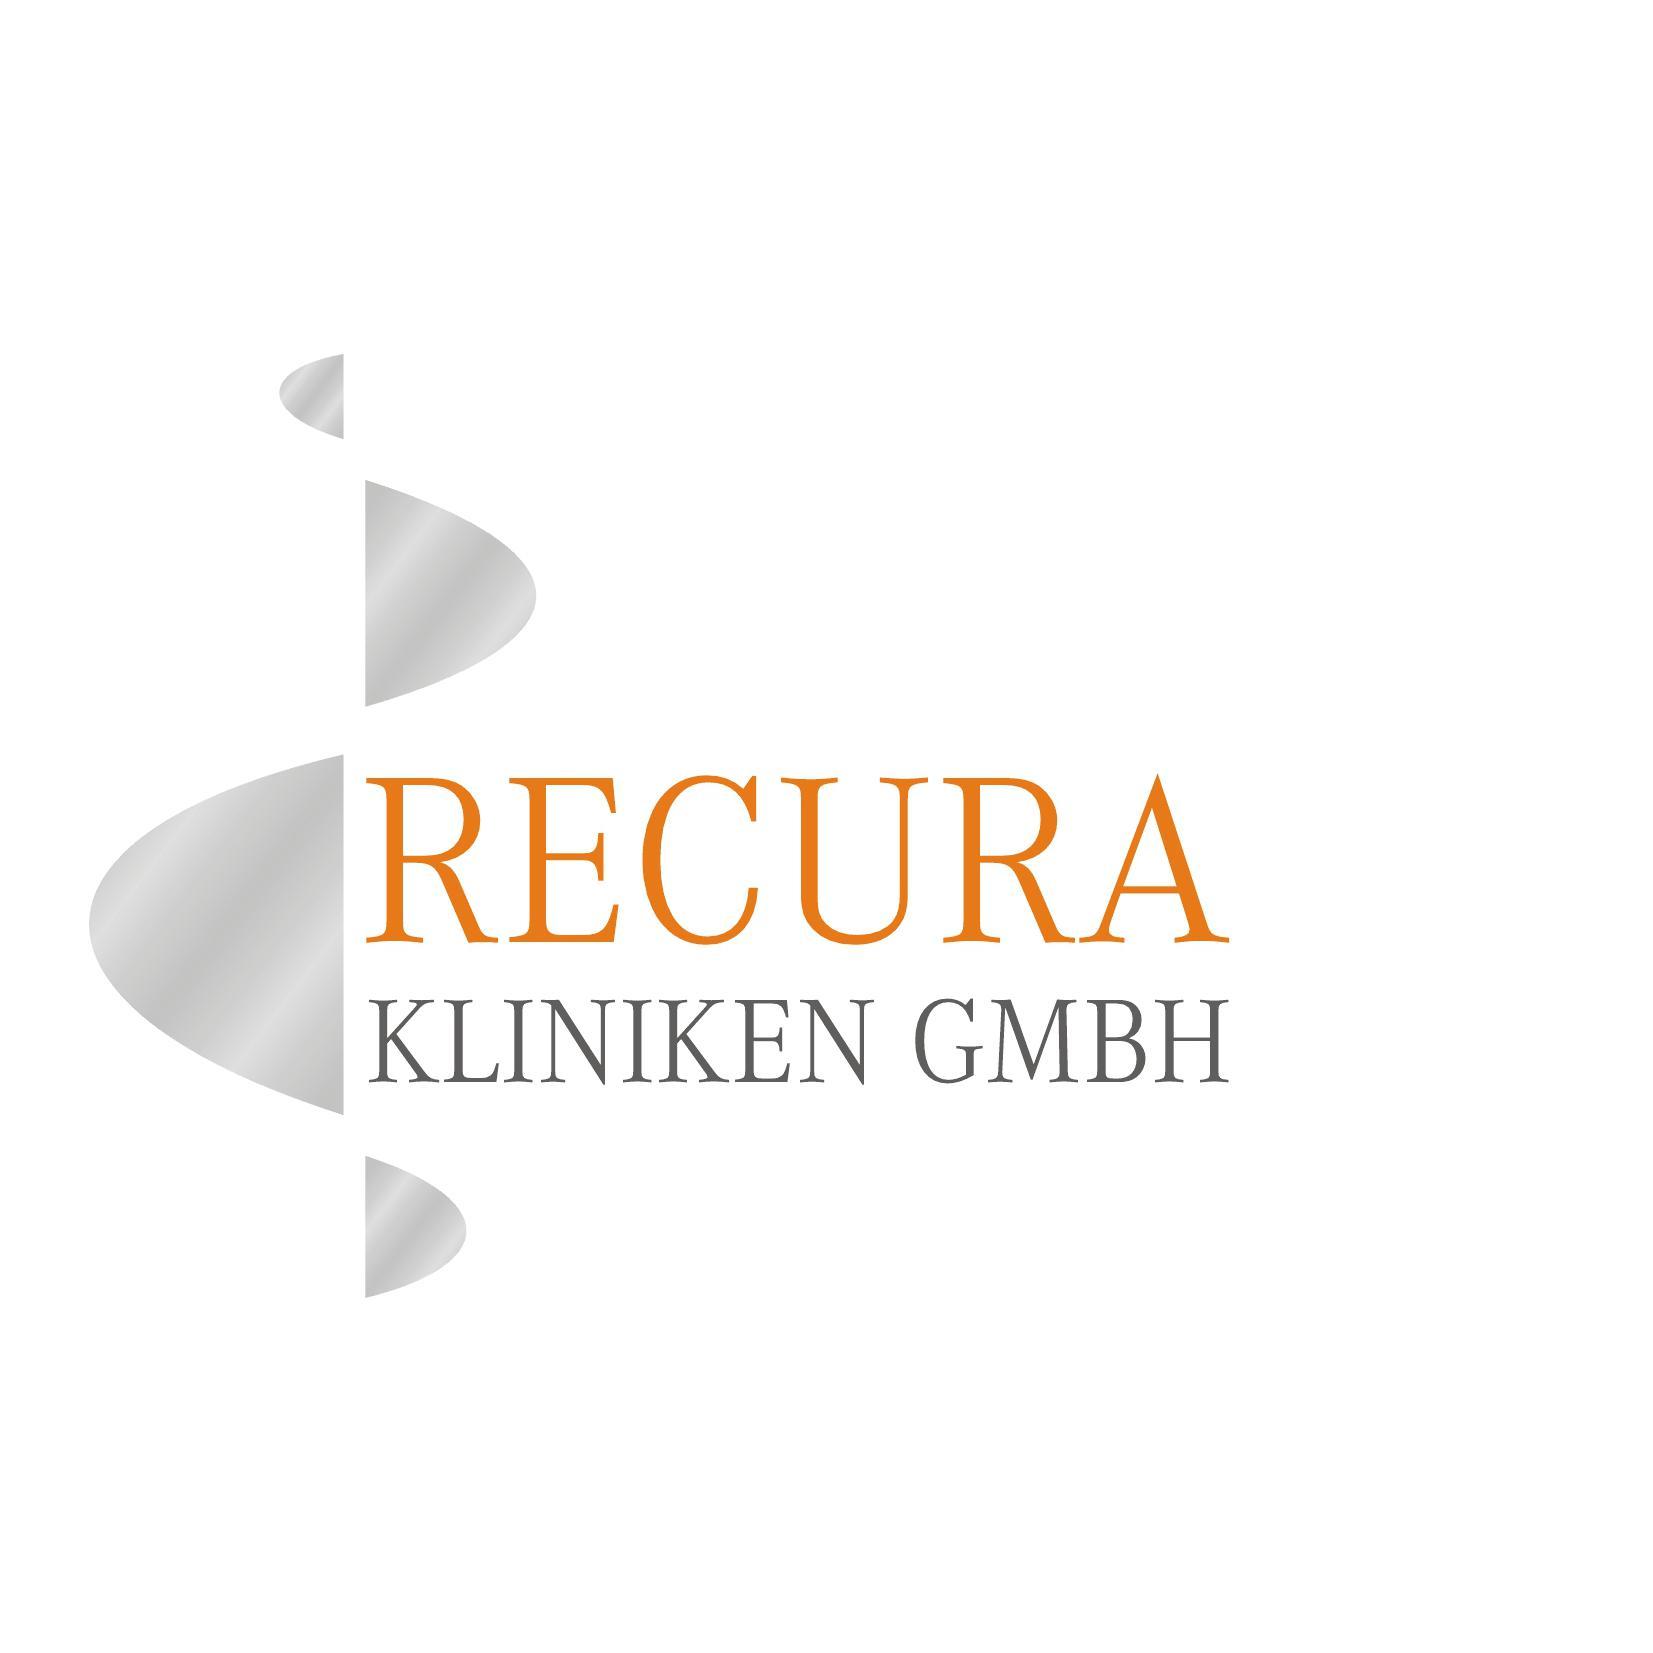 Bild zu RECURA Kliniken SE in Heilstätten Stadt Beelitz in der Mark